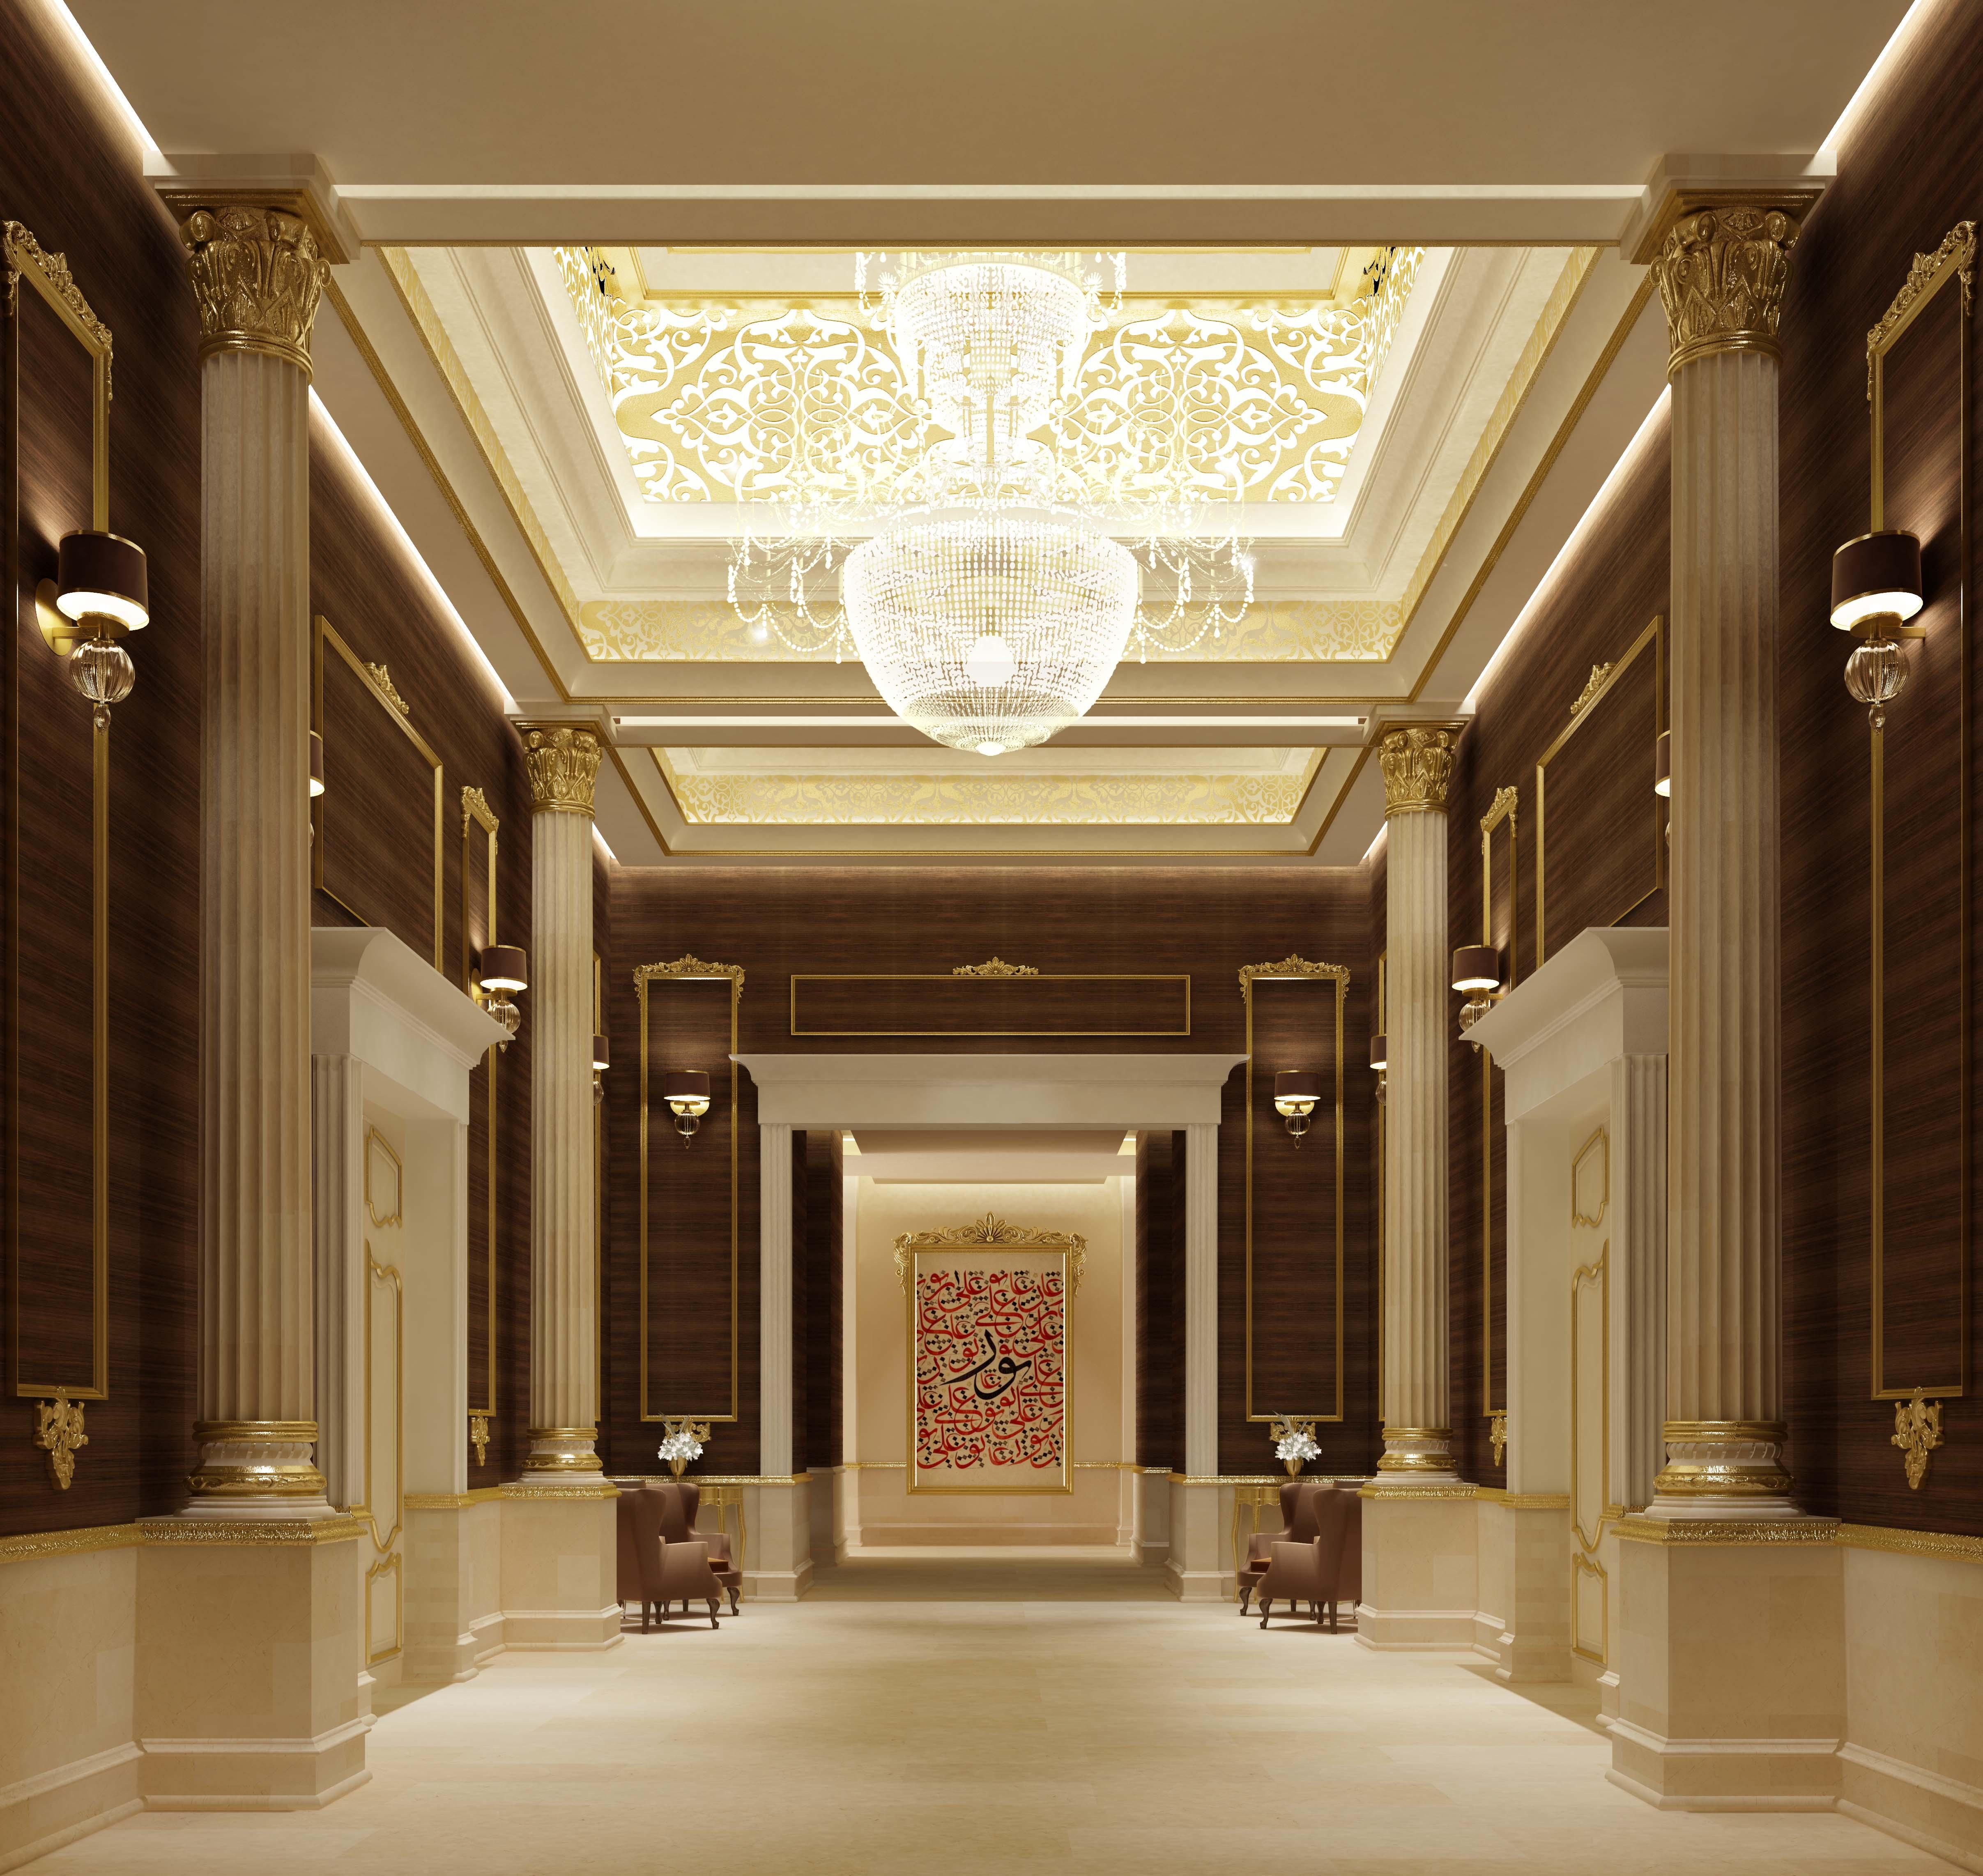 Grand Hall of Villa Design Project